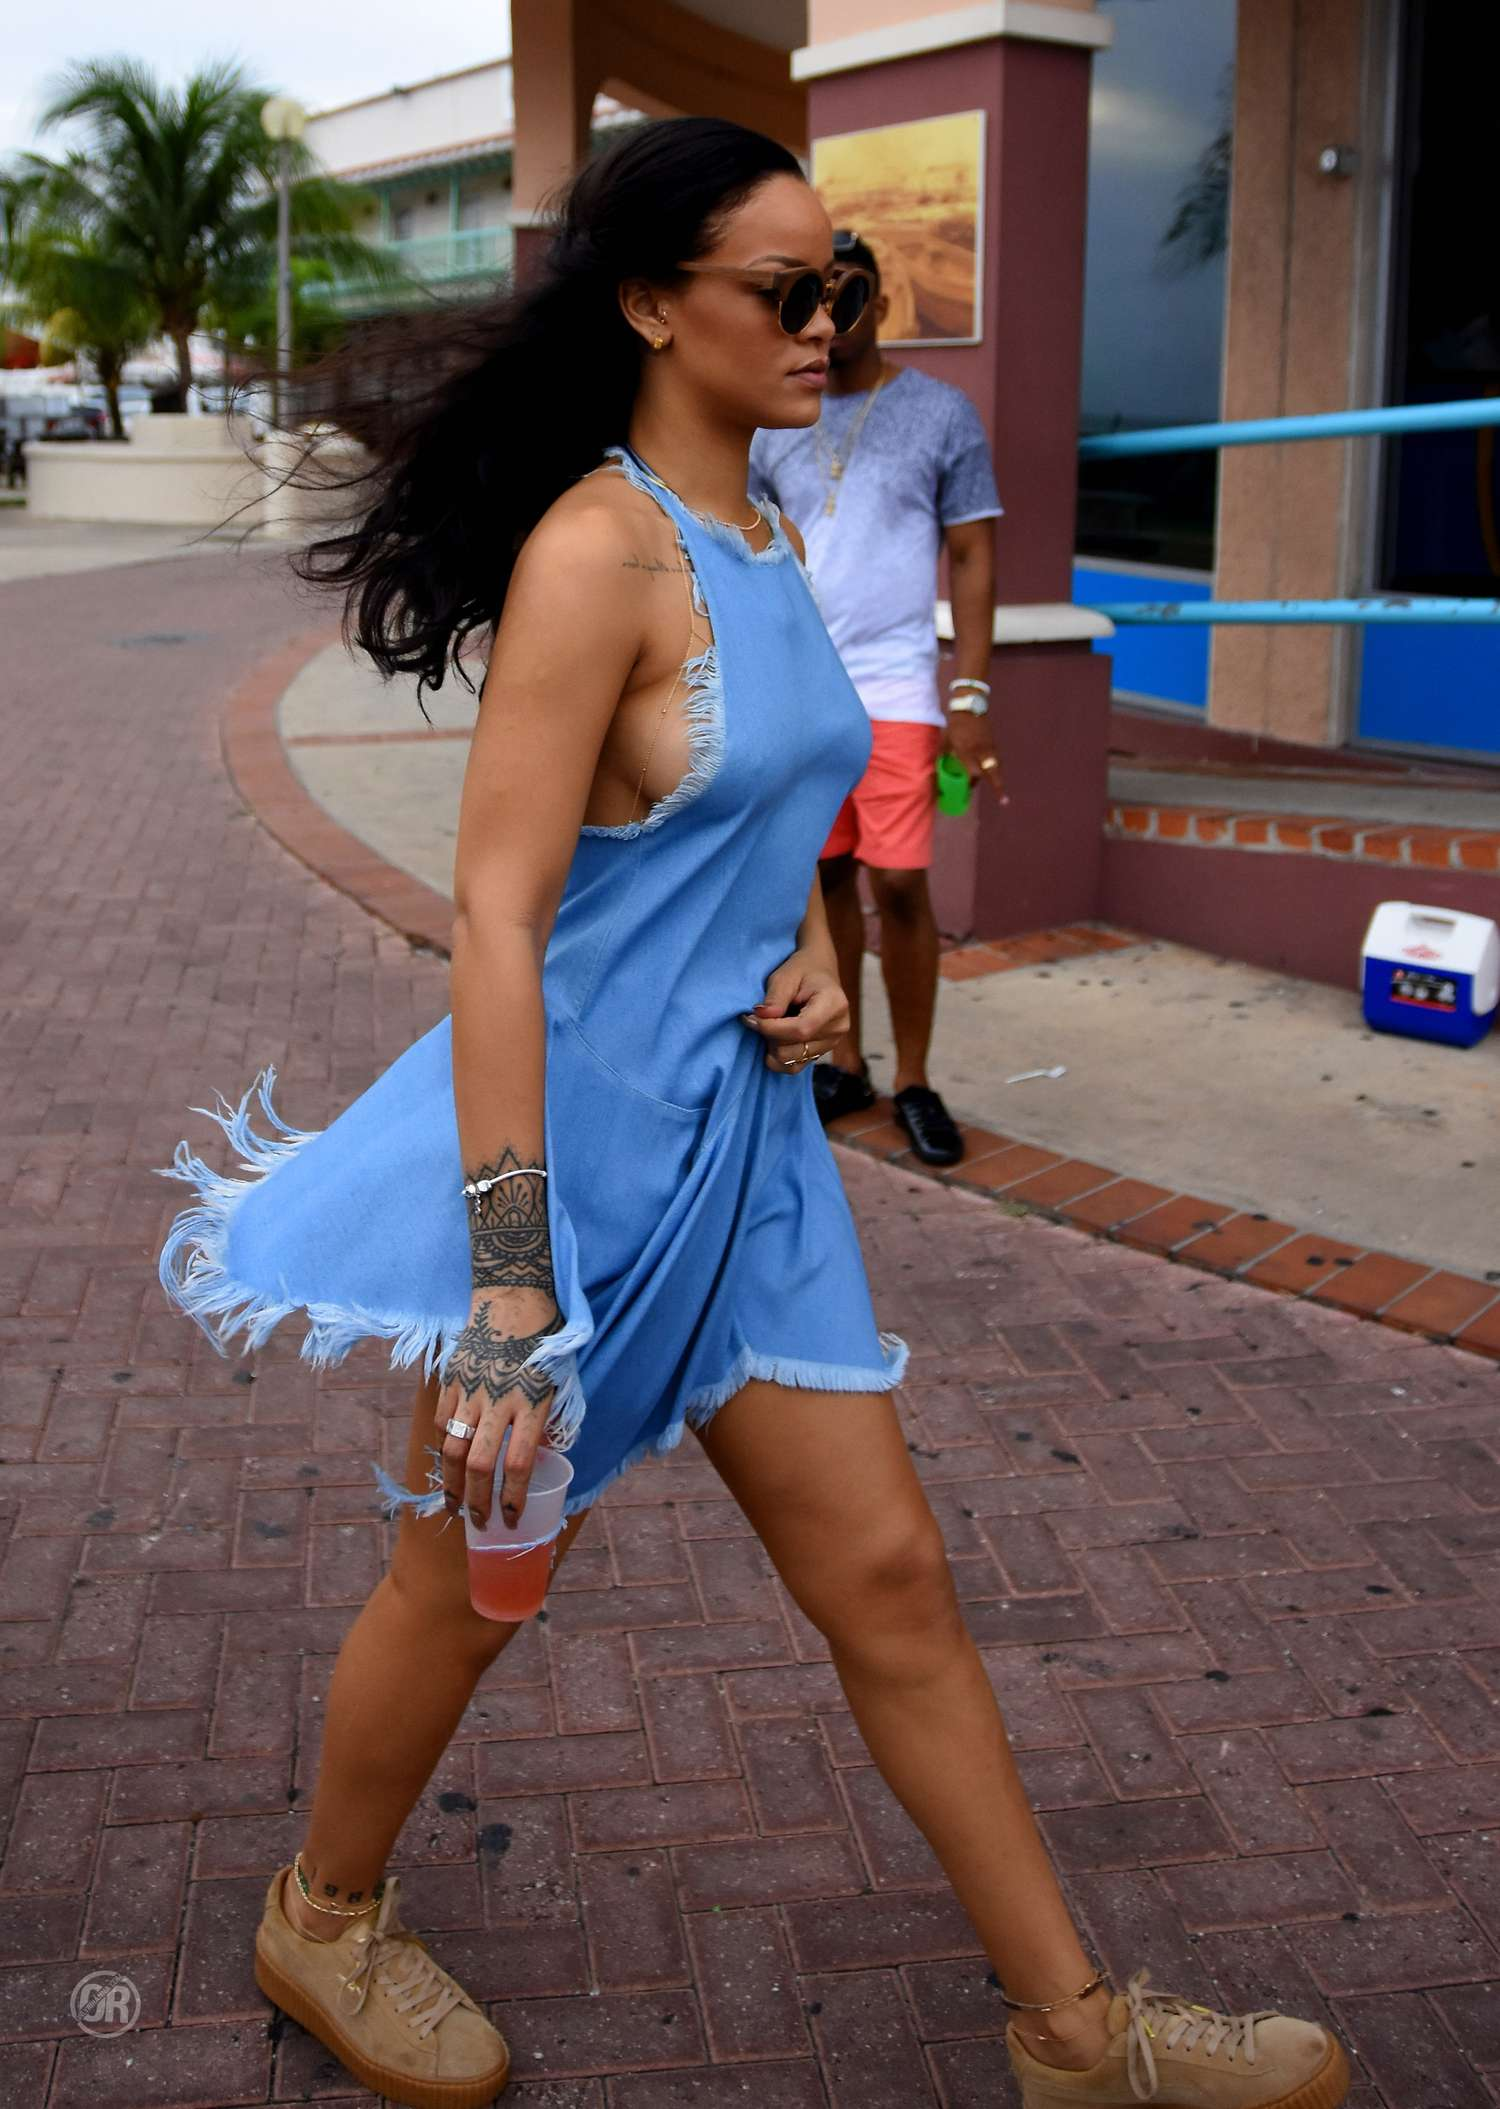 Dünyaca ünlü başarılı şarkıcı Rihanna sexy mavi elbisesi ile görenleri kendisine hayran etti. HD foto galeriyi görüntülemek için buraya tıklayın.